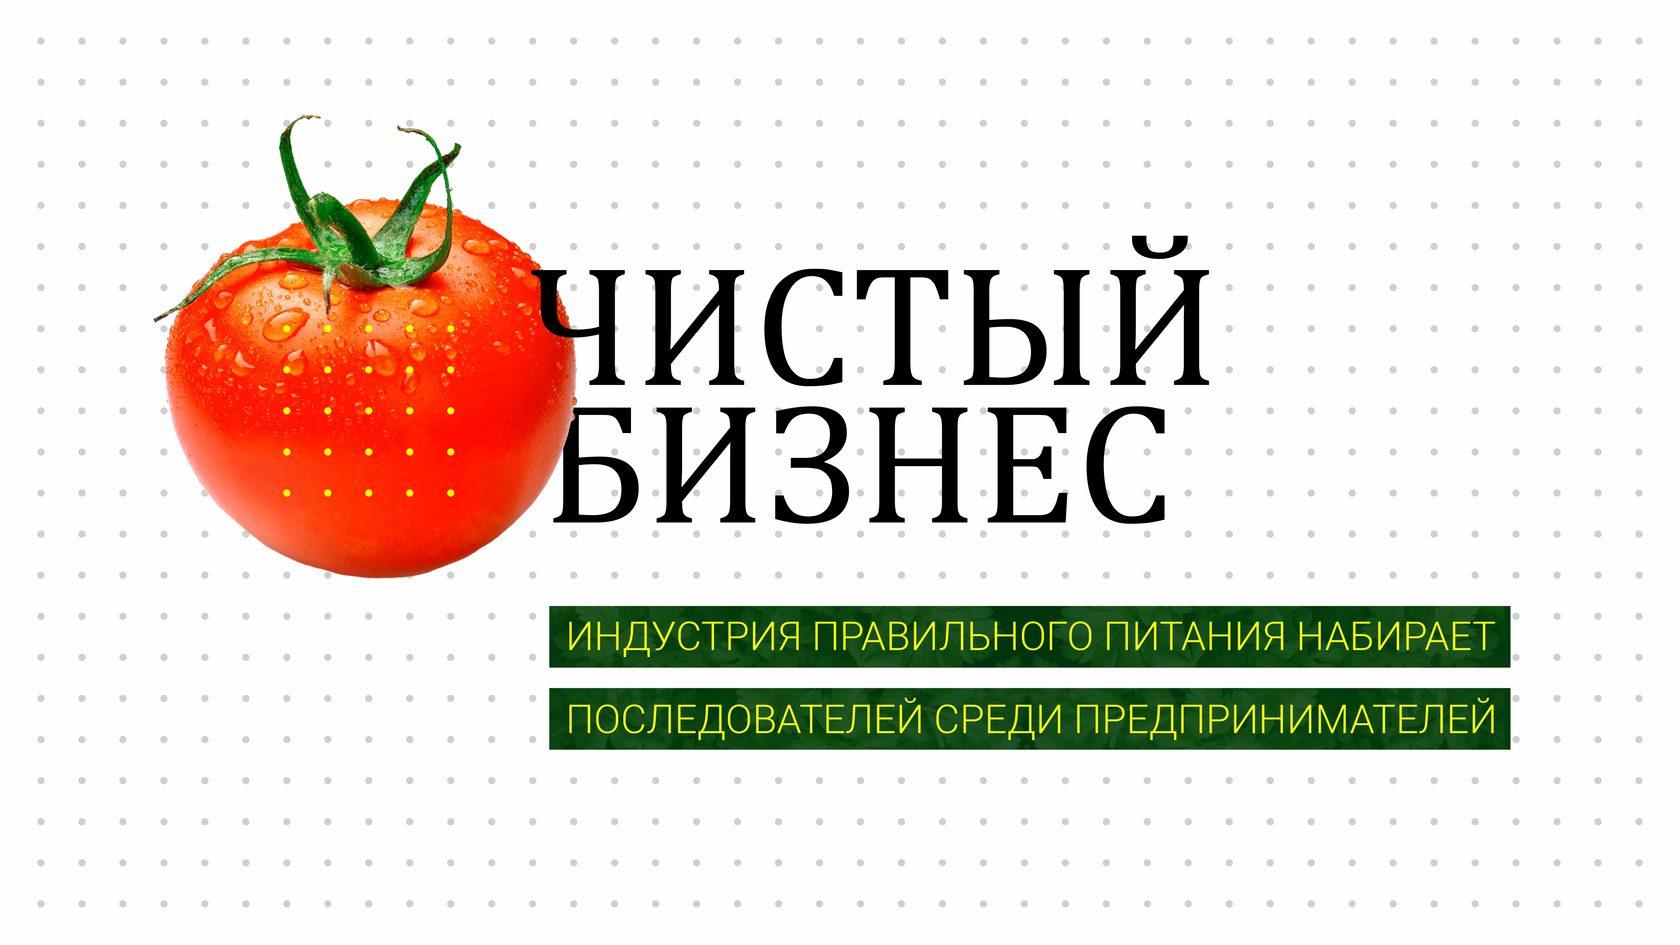 https://inbusiness.kz/ru/images/specimg/19/images/TTUAyHA9.jpg